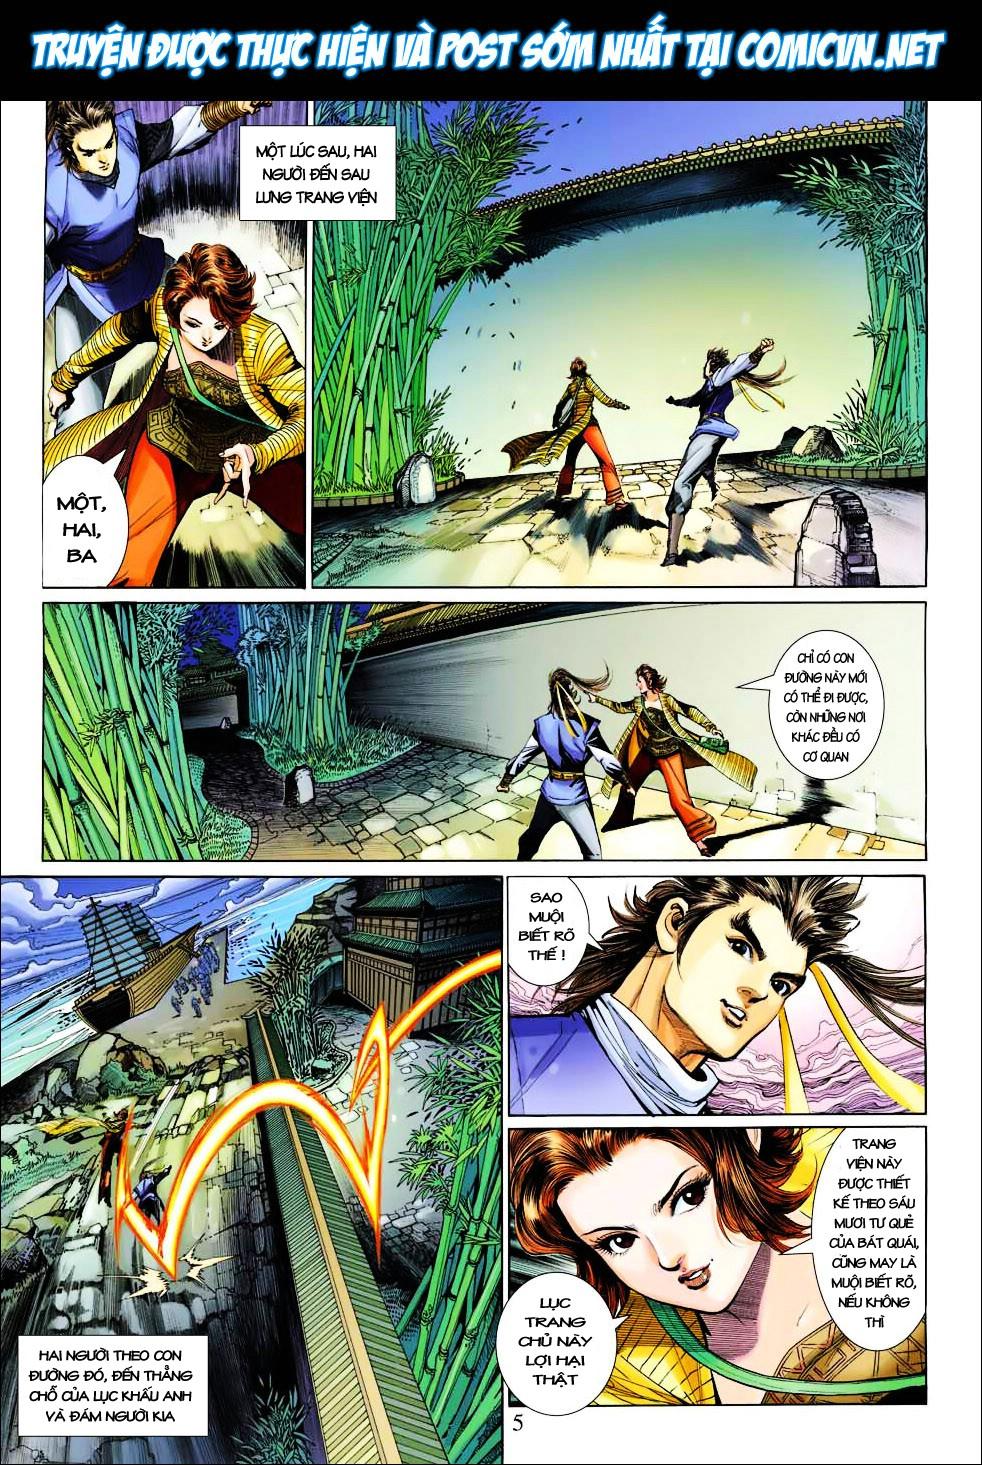 Anh Hùng Xạ Điêu anh hùng xạ đêu chap 27 trang 5